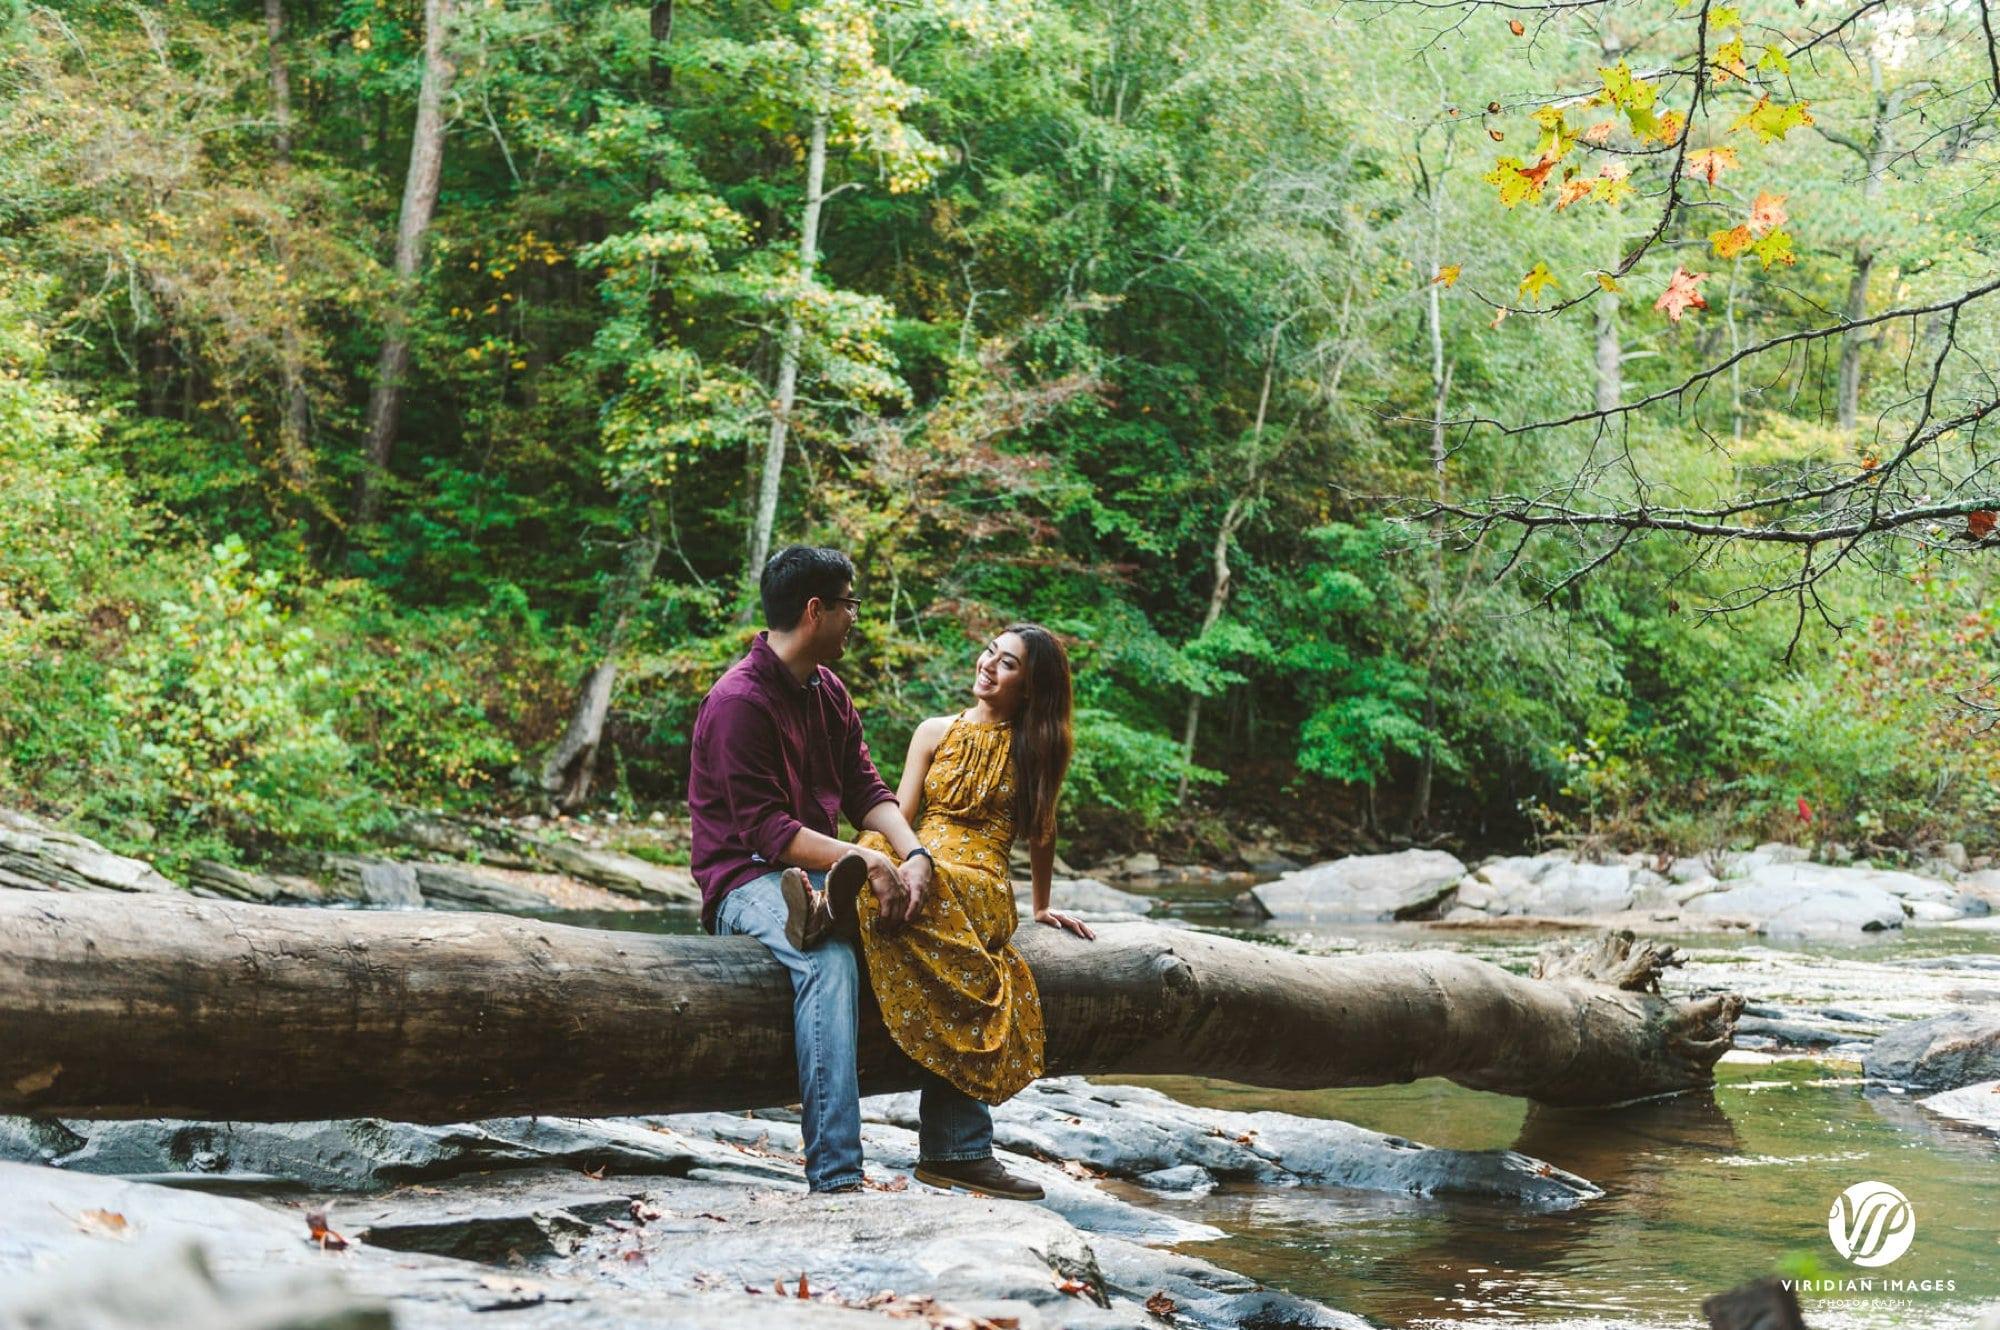 couple talking on fallen tree along river